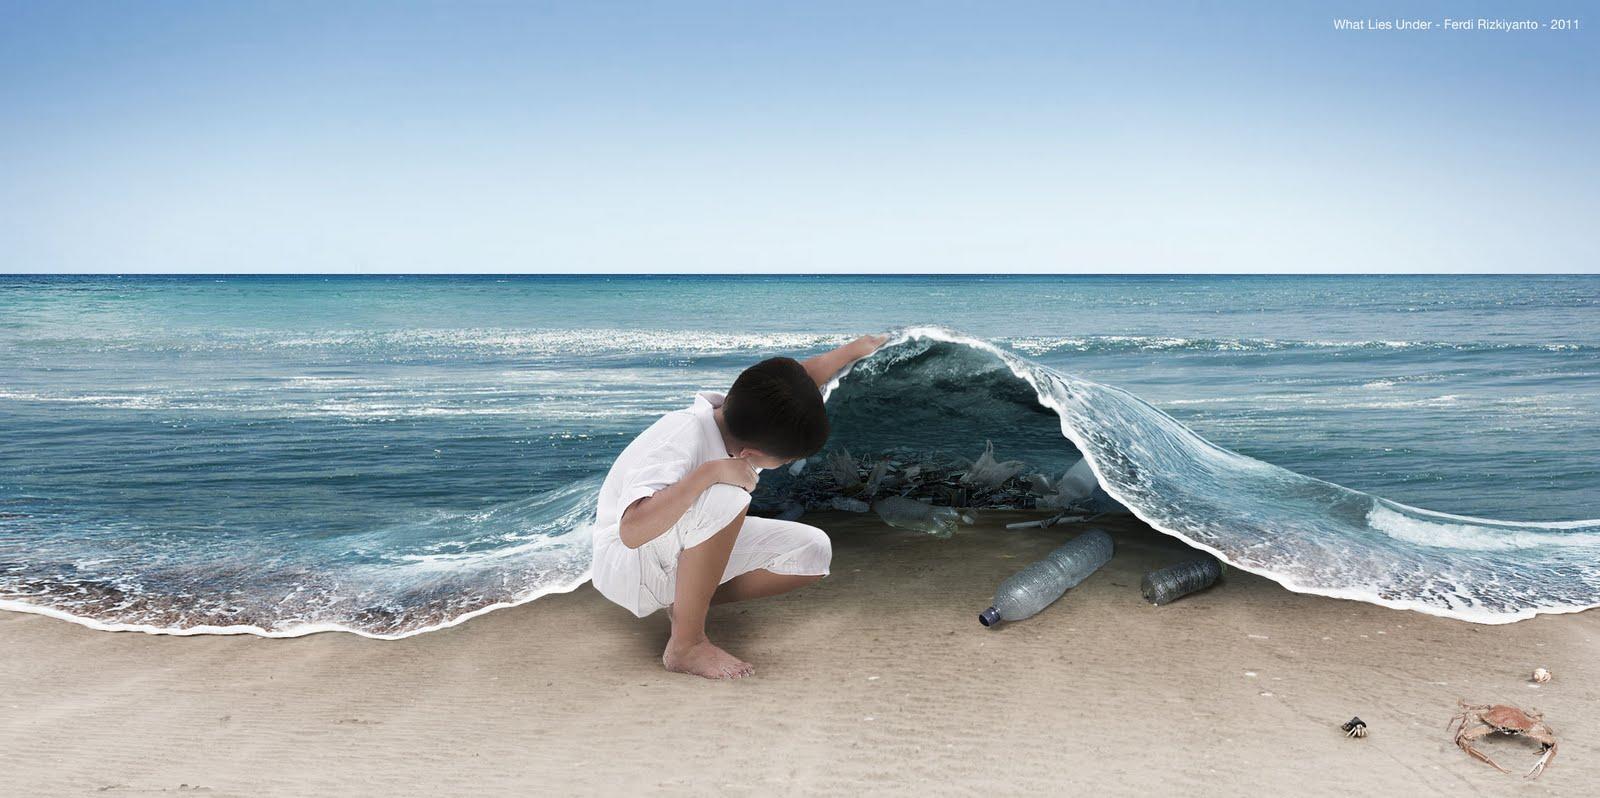 Nur weil Du ihn nicht siehst heisst das noch lange nicht, dass er nicht da ist: Müll in der Ostsee